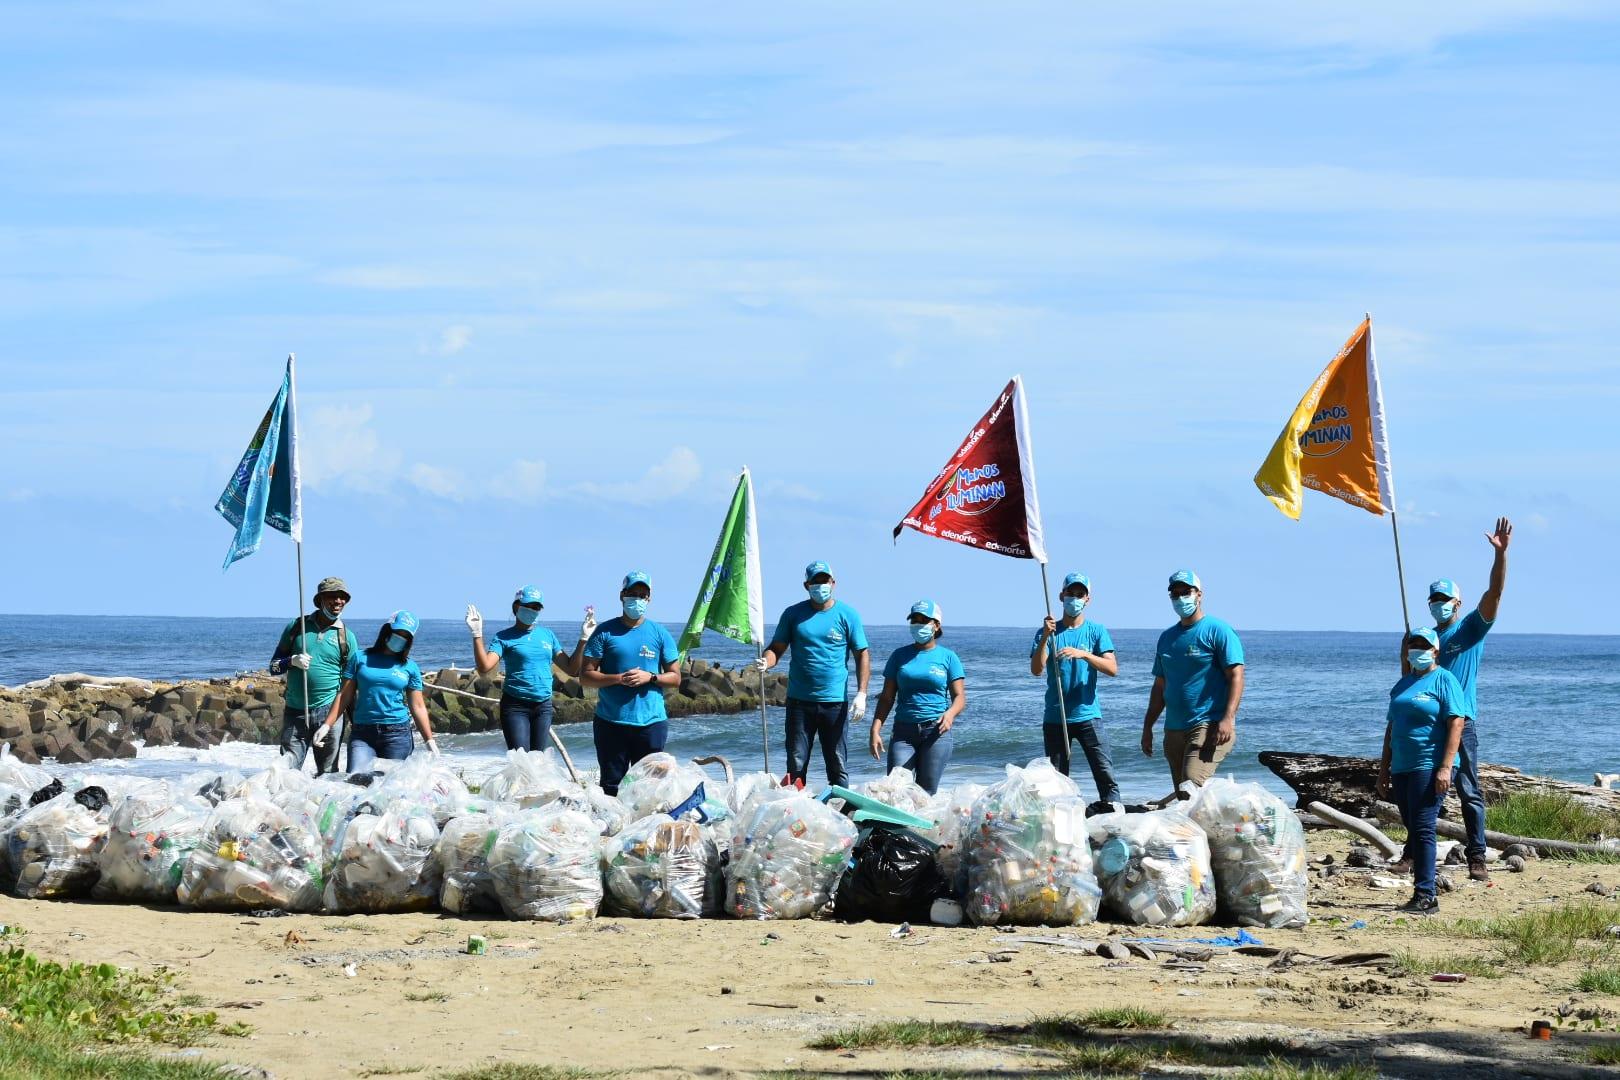 EDENORTE realiza jornada de limpieza en playa Matancita, Nagua